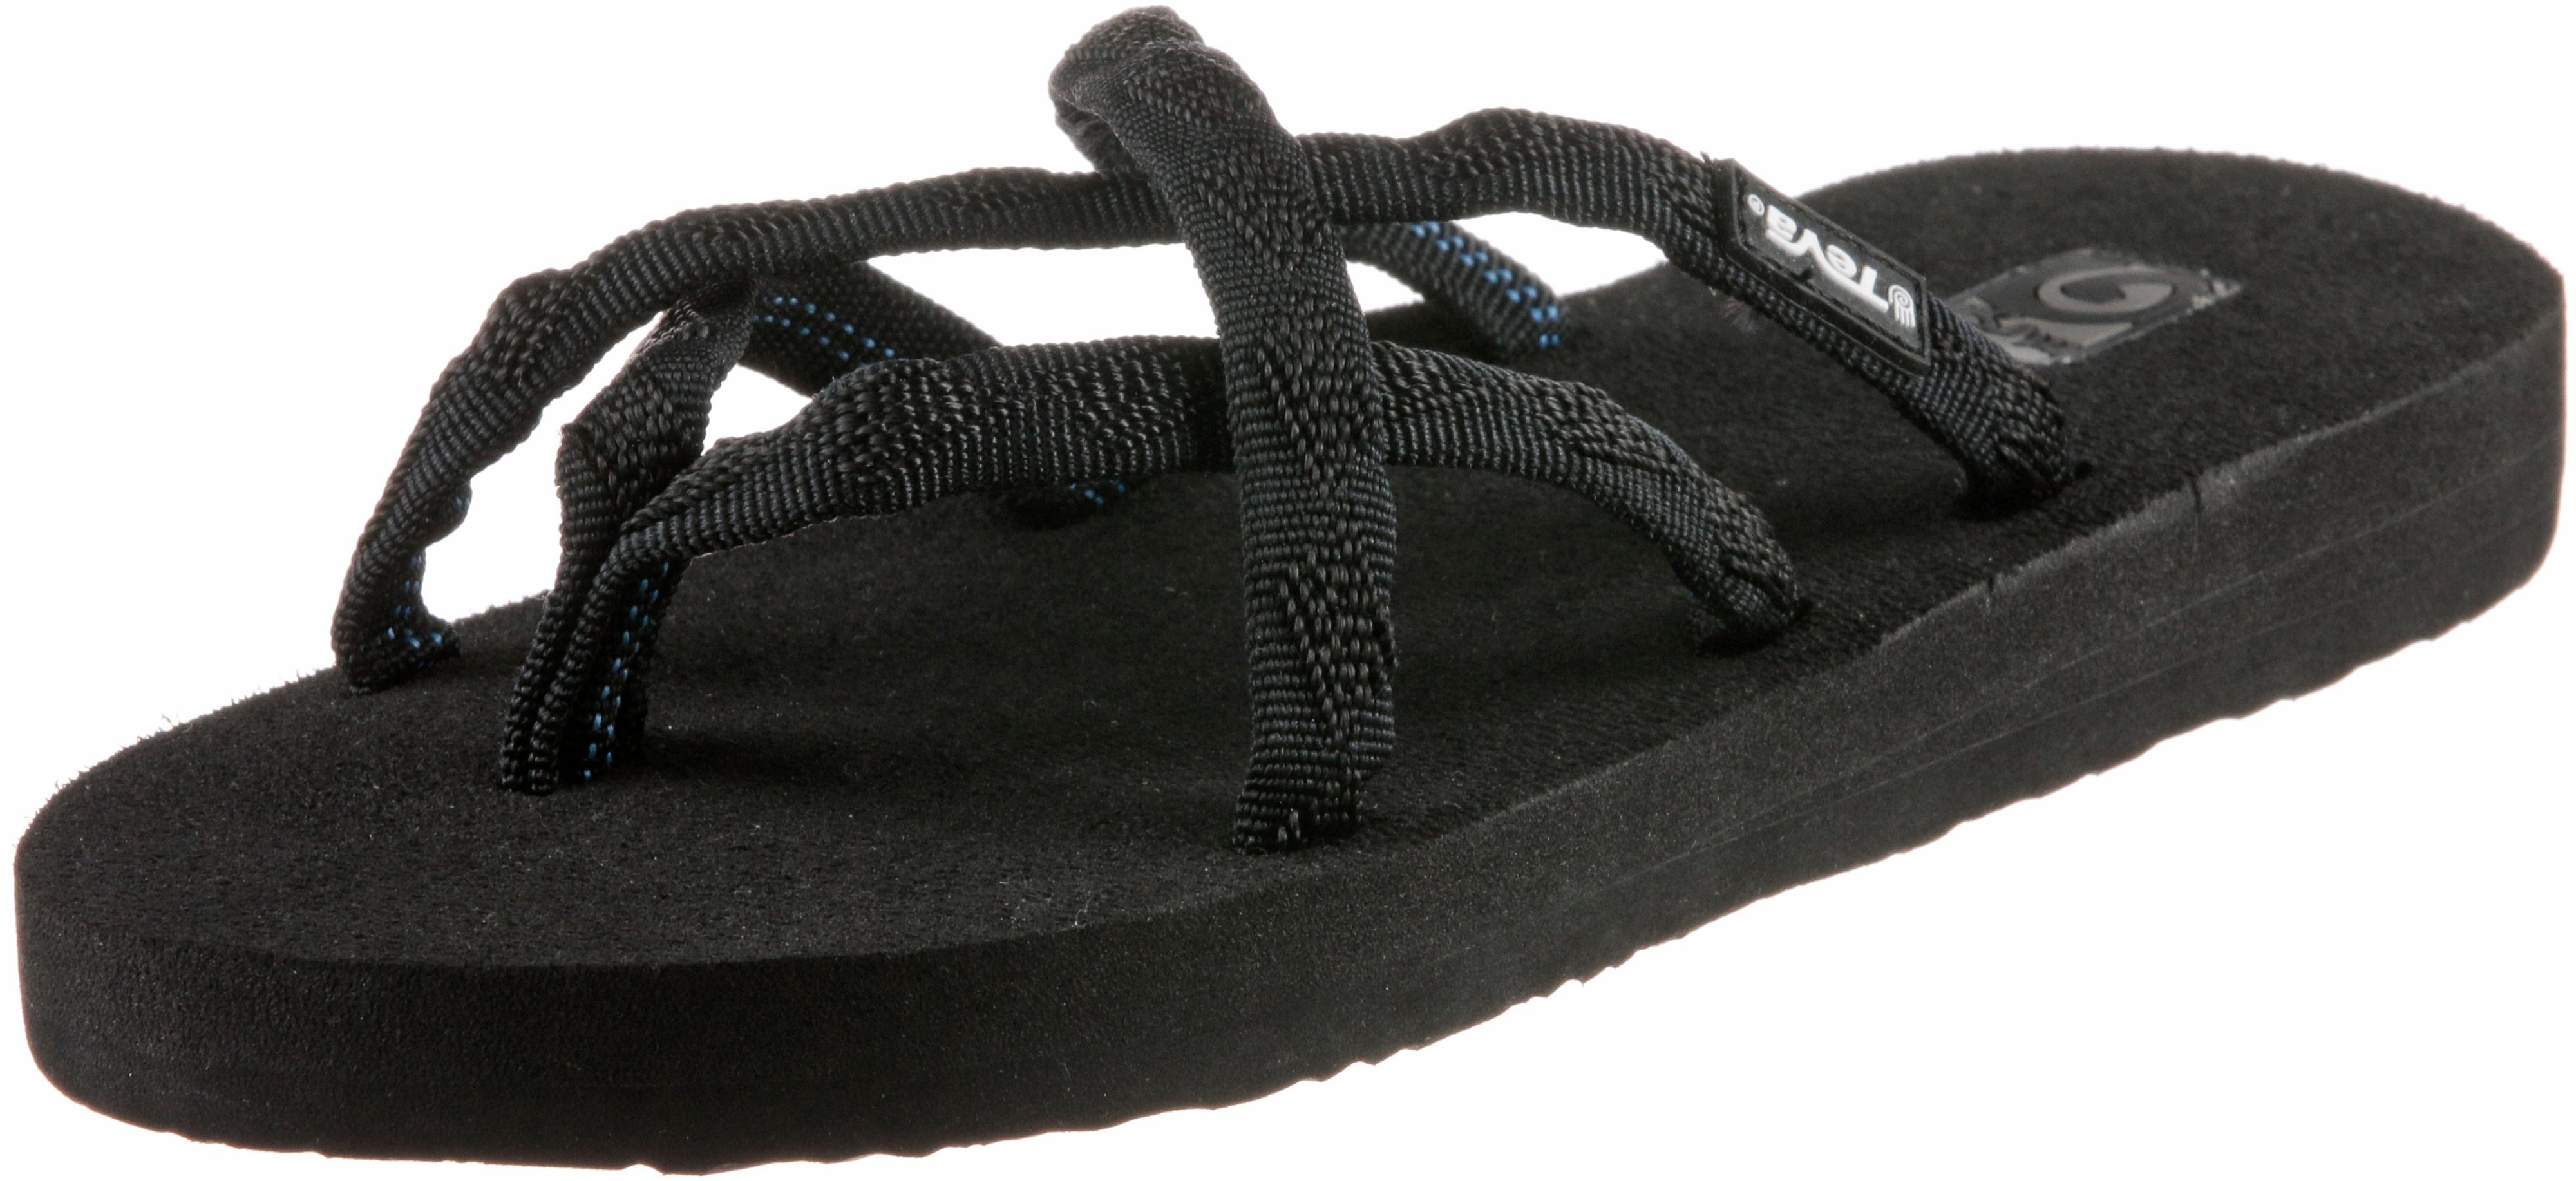 Teva Teva Teva Olowahu Zehentrenner Damen mix b on schwarz im Online Shop von SportScheck kaufen Gute Qualität beliebte Schuhe 5b4984